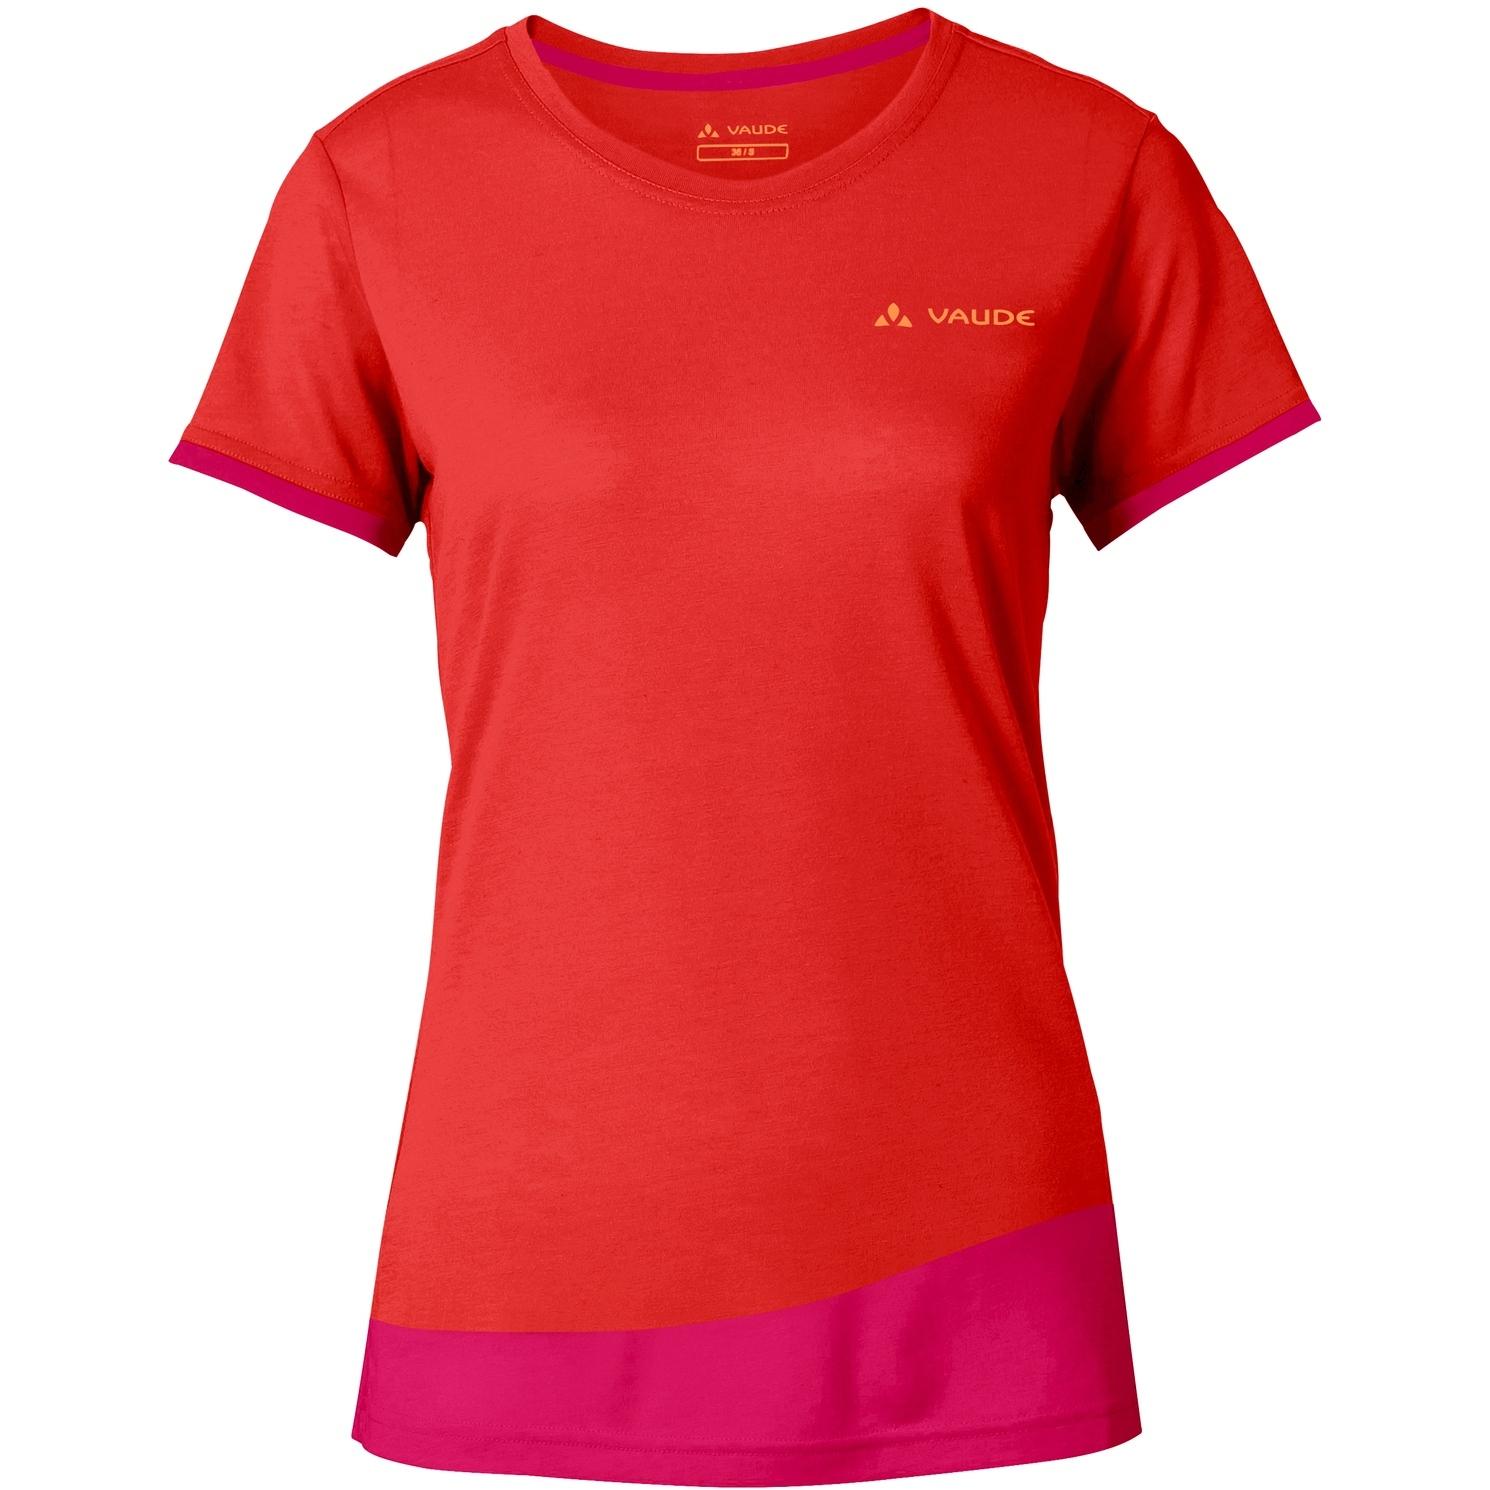 Bild von Vaude Sveit Damen Shirt - mars red